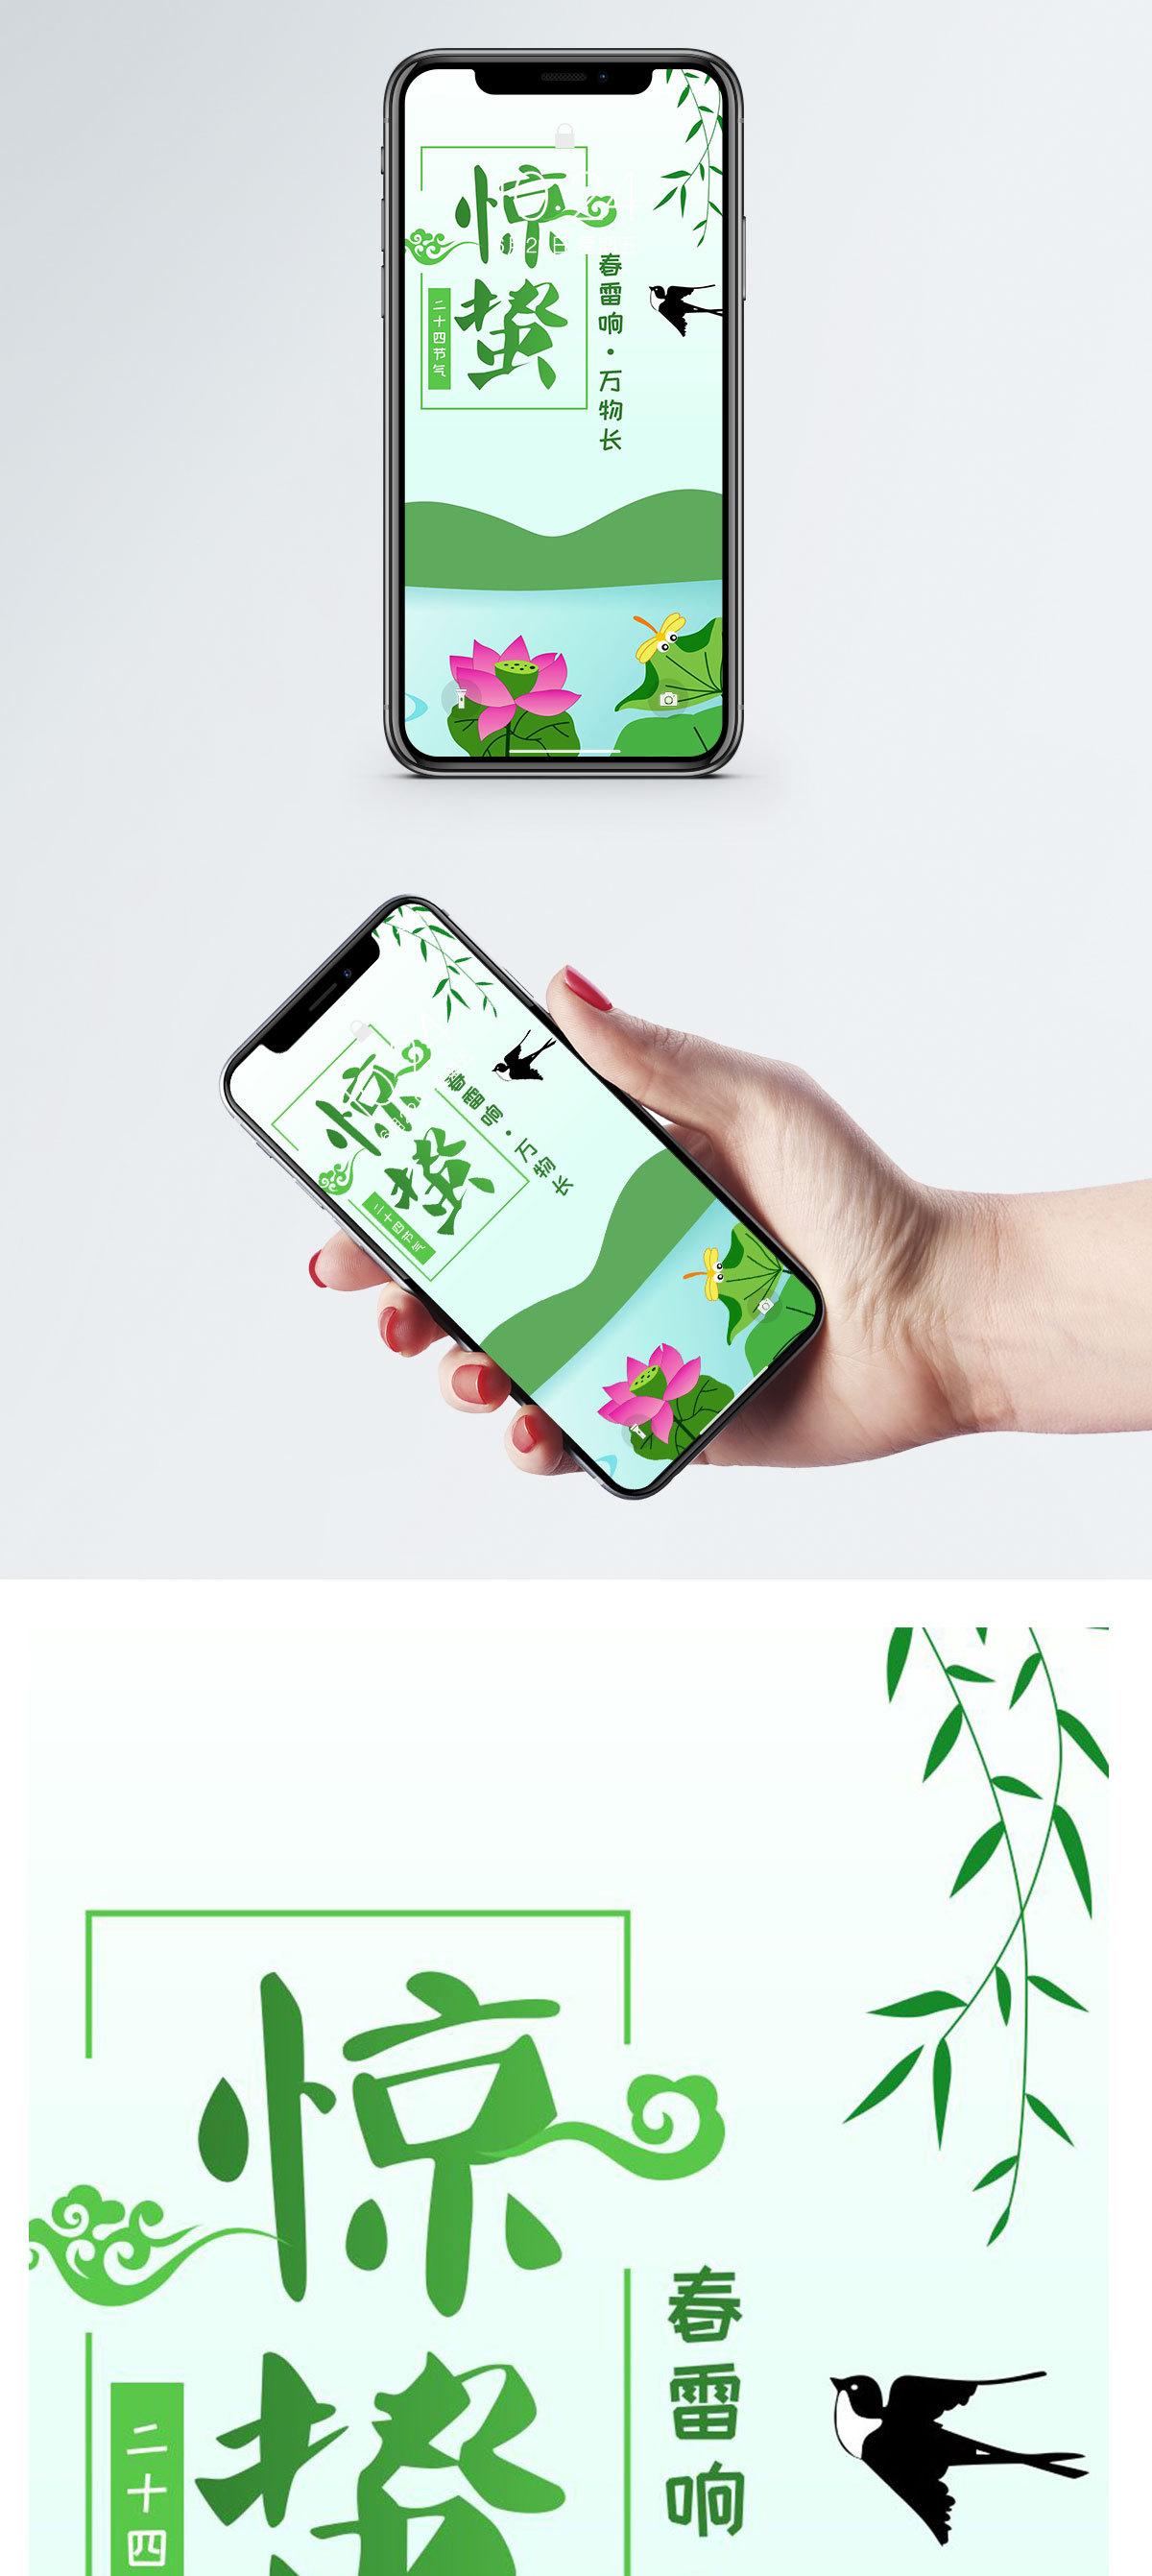 节日手机壁纸图片